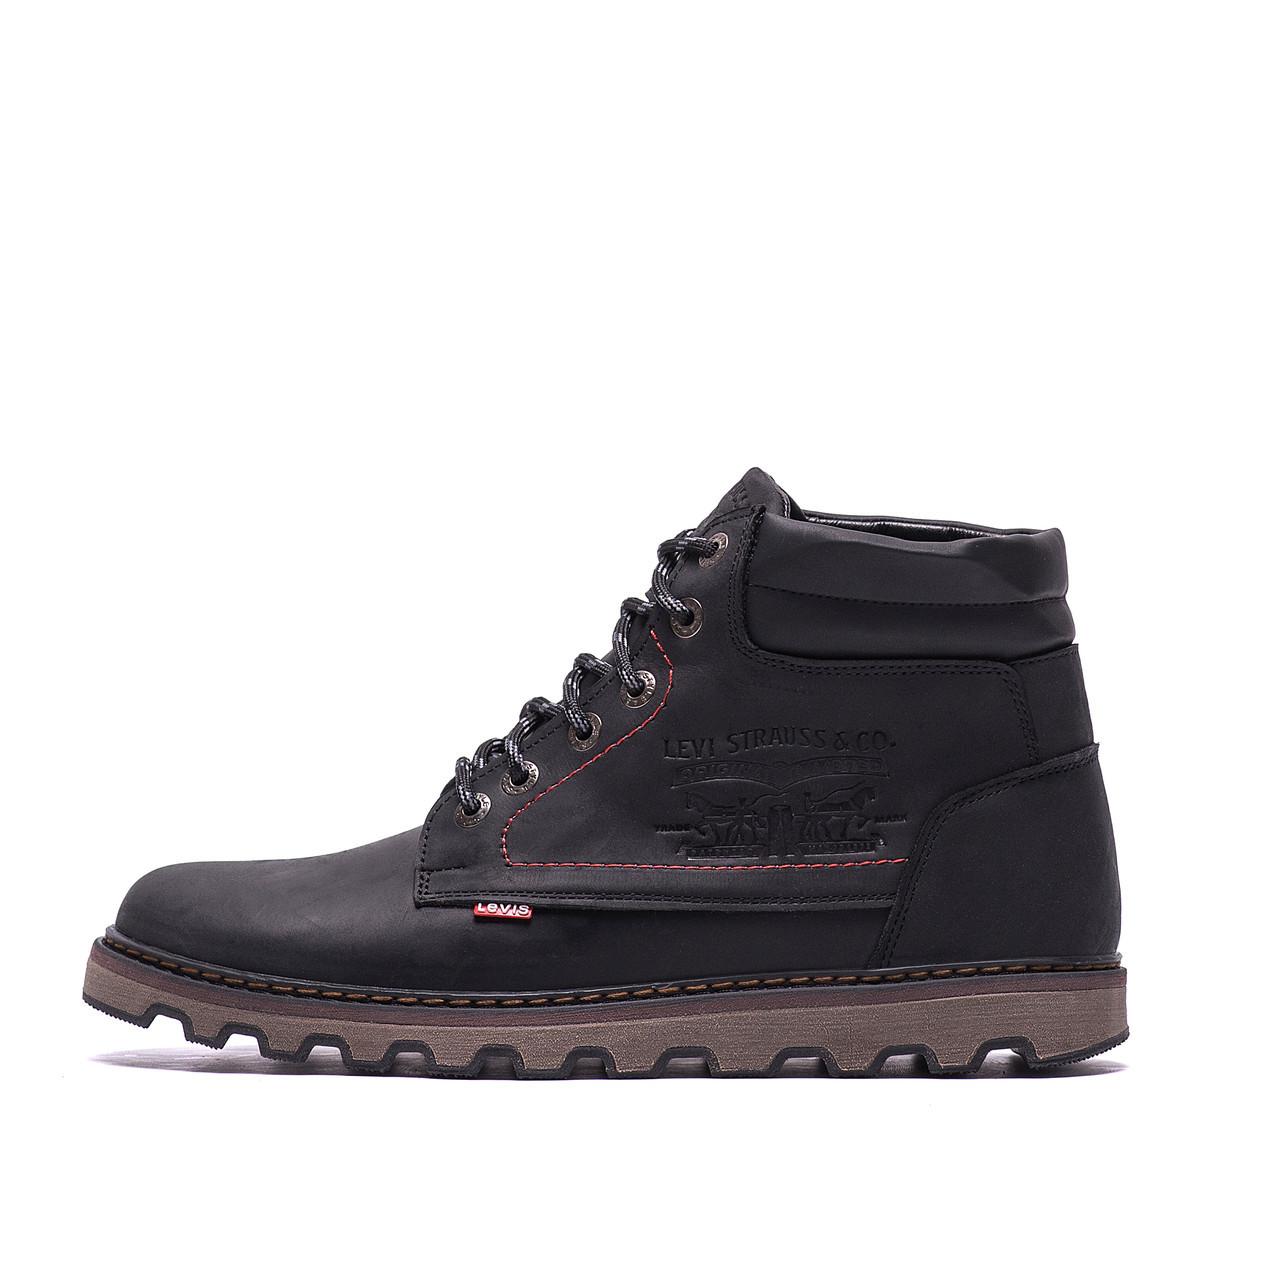 Мужские зимние кожаные ботинки Levis Expensive Black р. 40 41 43